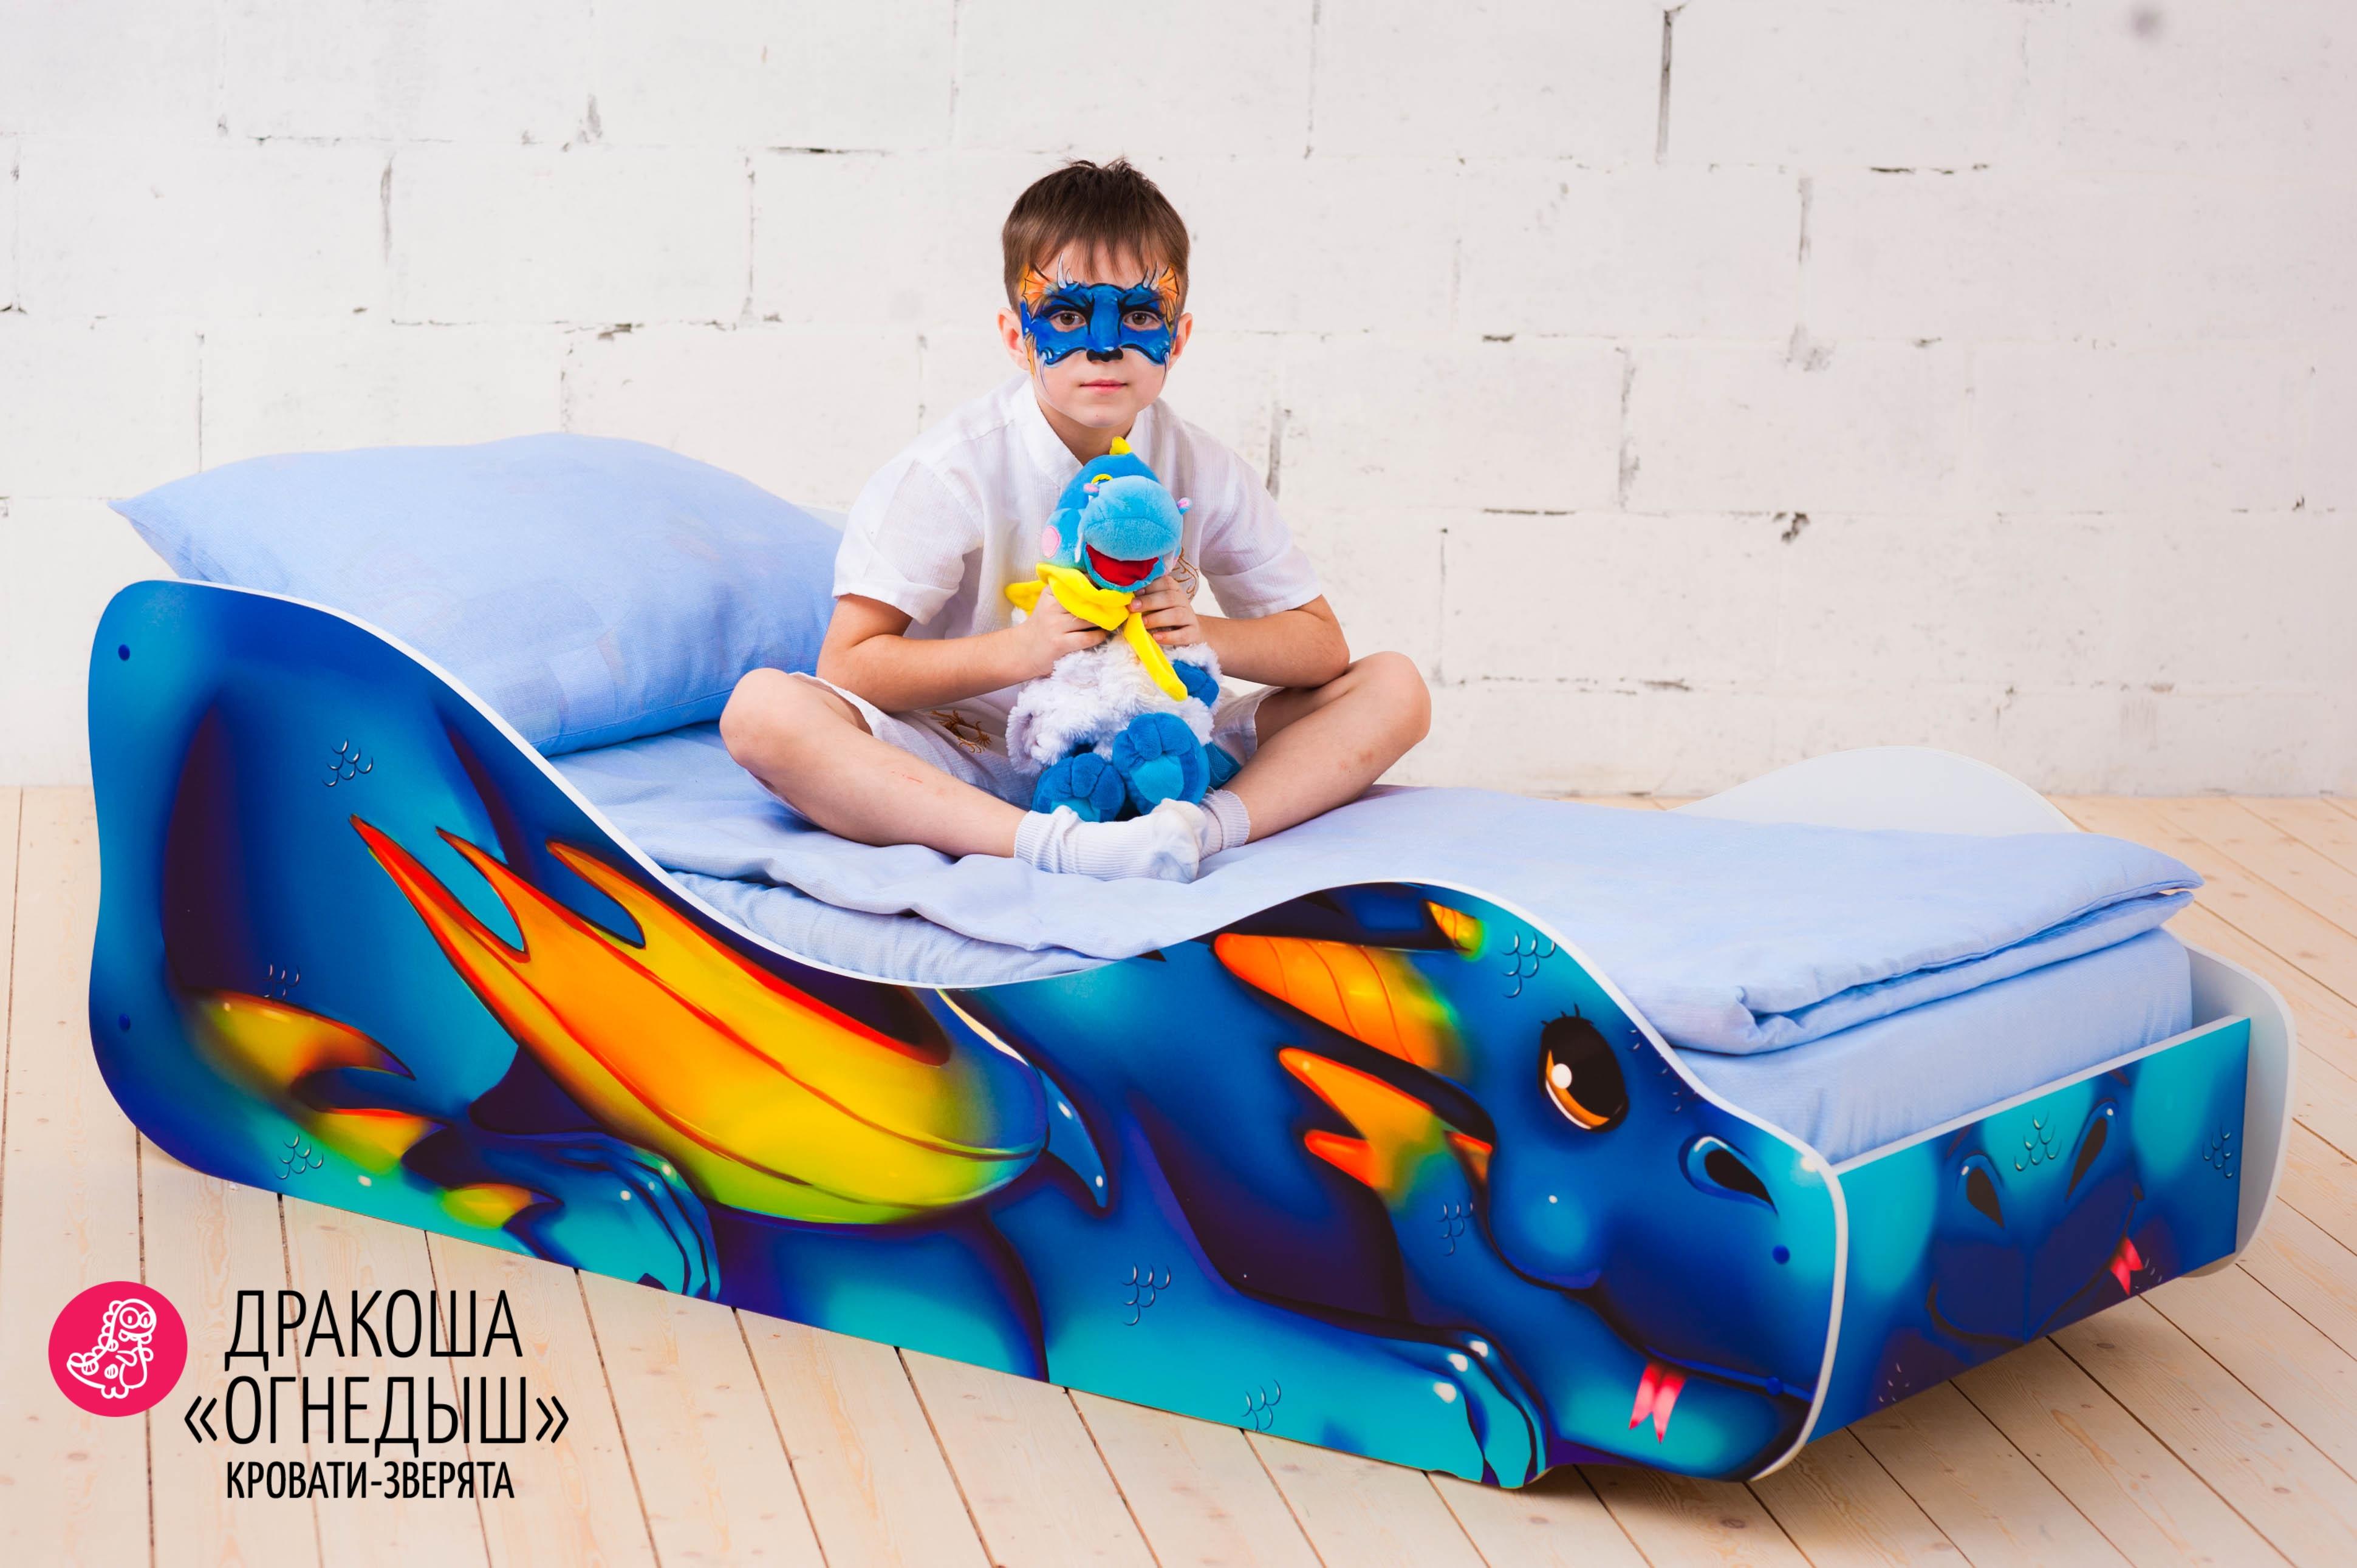 Детская кровать-зверенок -Дракоша-Огнедыш-2